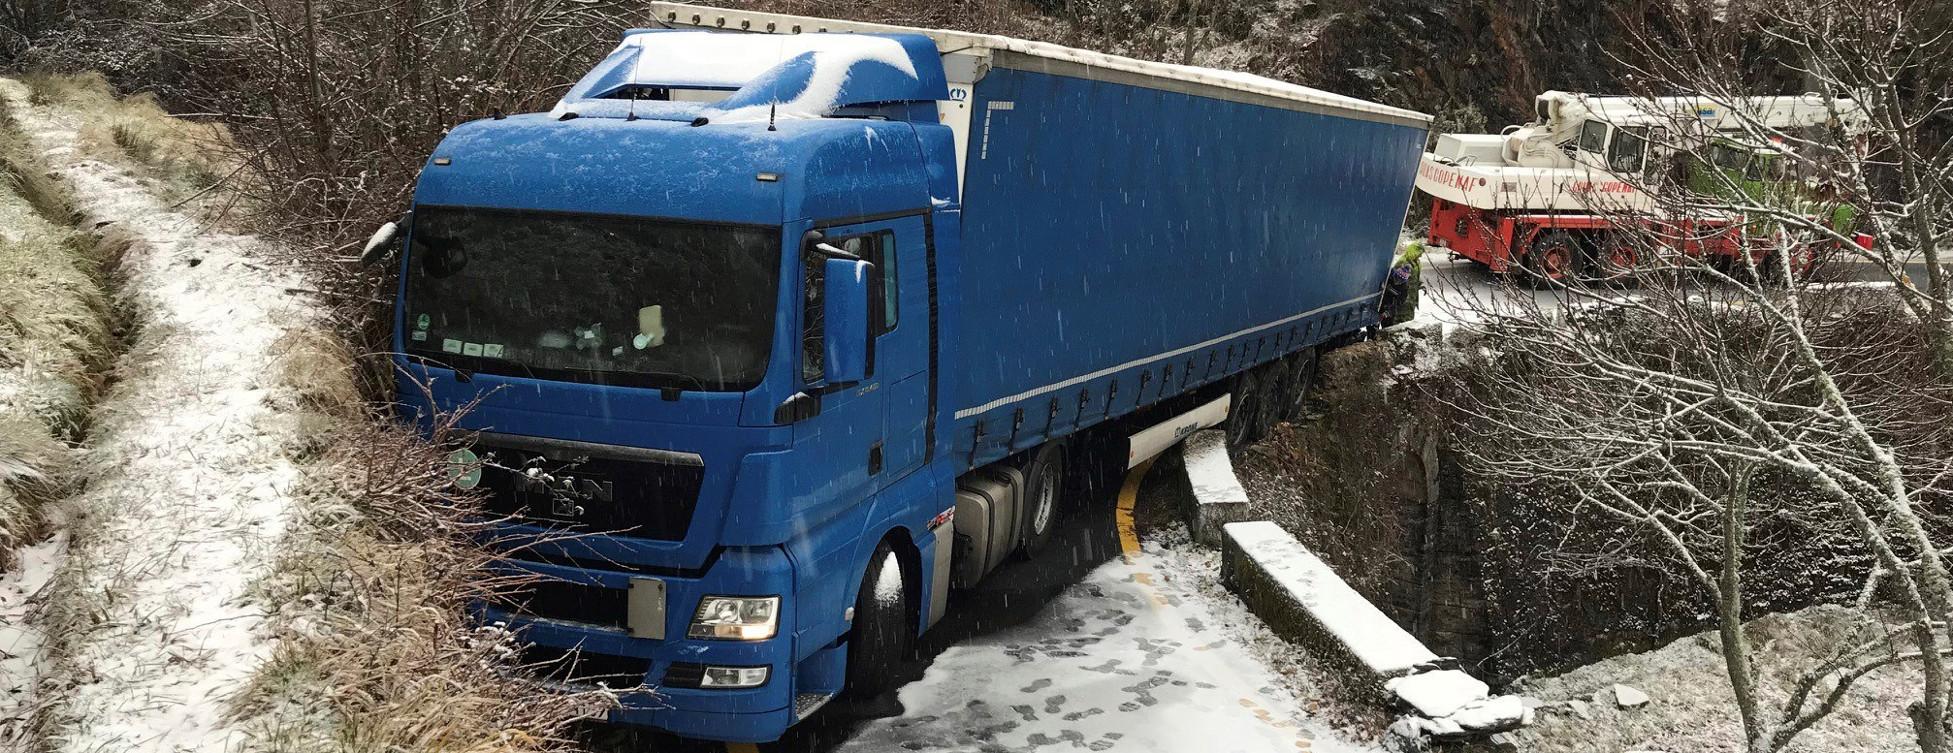 El camión polaco atrapado en una vía secundaria estrecha de Laza (Ourense)  - FOTO: EFE